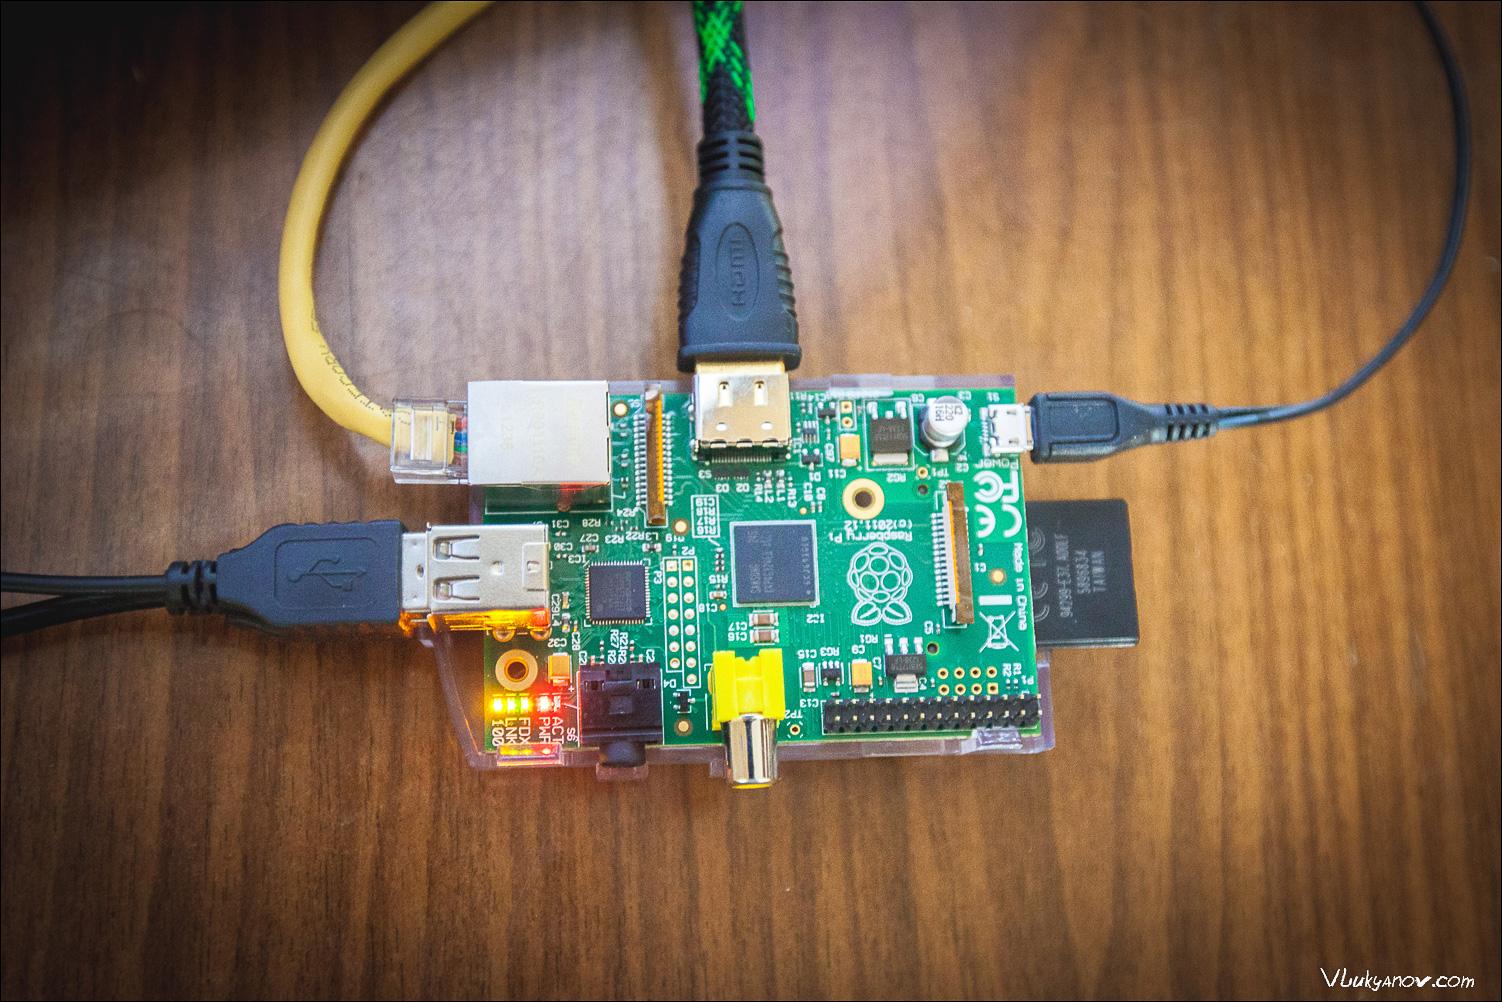 Блог о компьютерах  и компьютерной технике, Москва, Владимир Лукьянов, Raspberry Pi